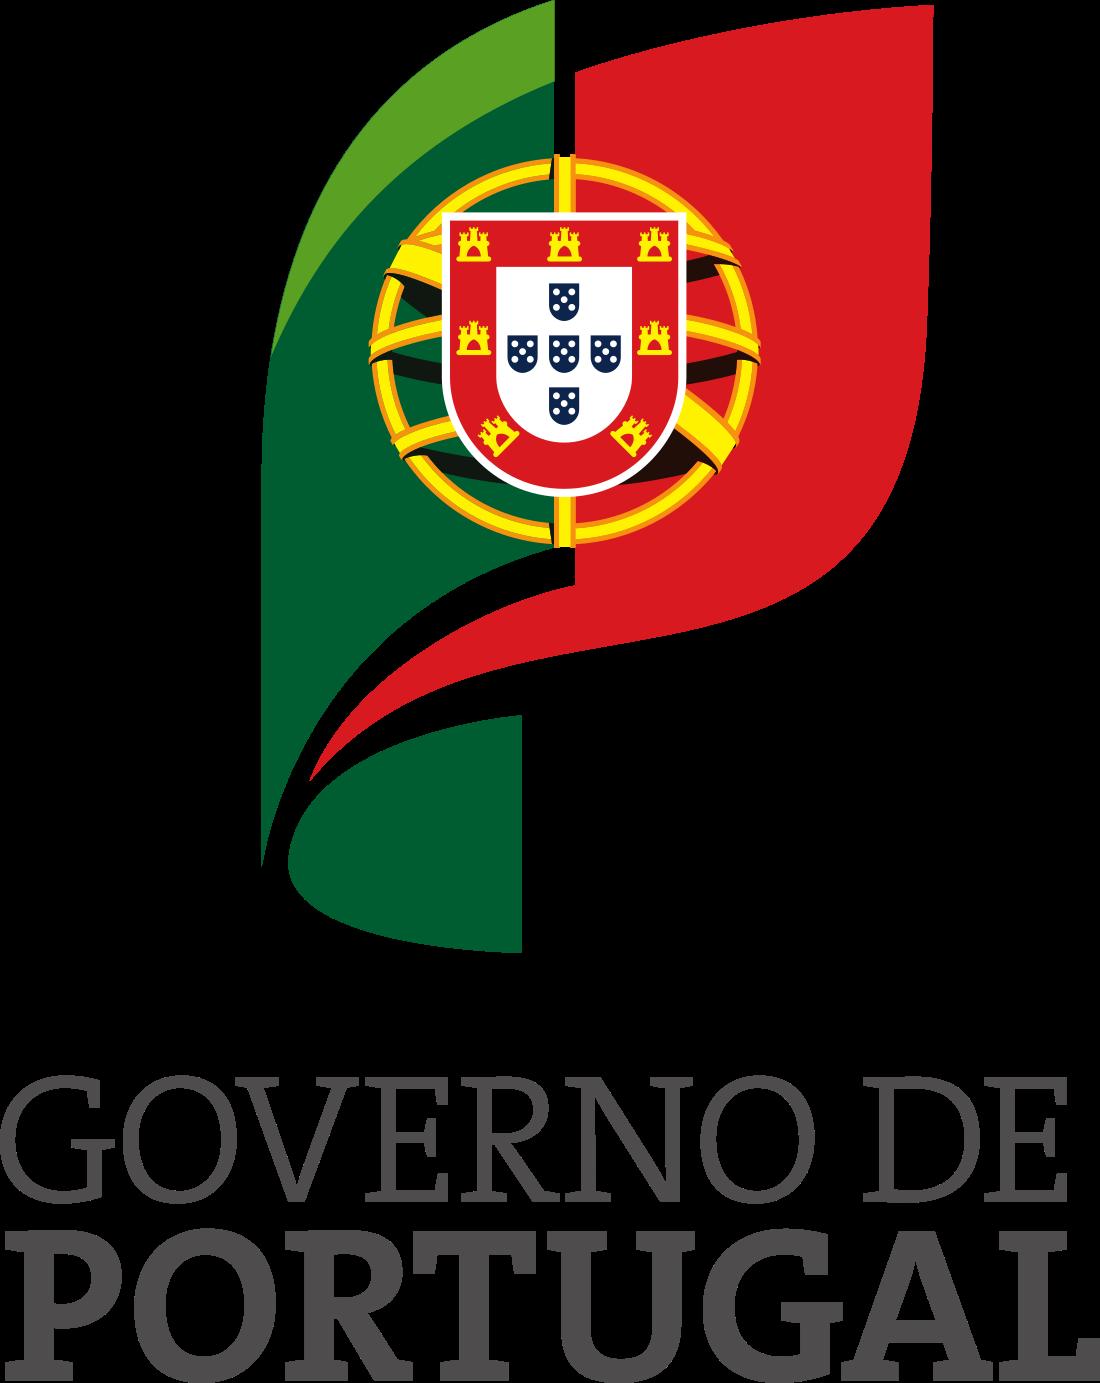 governo portugal 7 - Governo de Portugal Logo